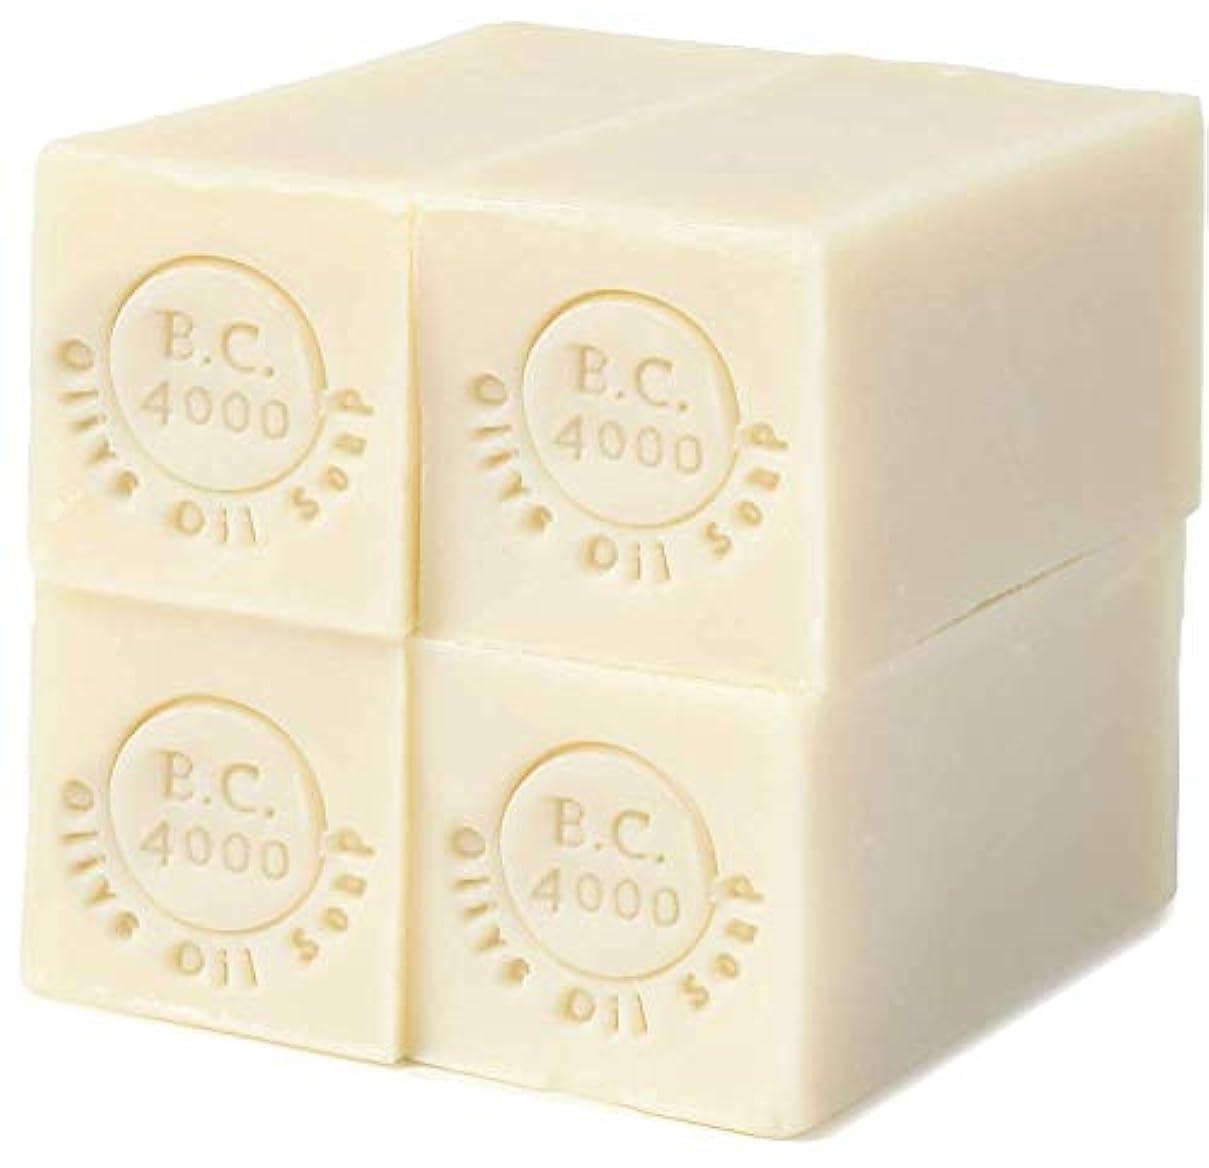 バッテリーガラガラ敬意100% バージンオリーブオイル石鹸 B.C.4000 オーガニック せっけん 50g 4個入